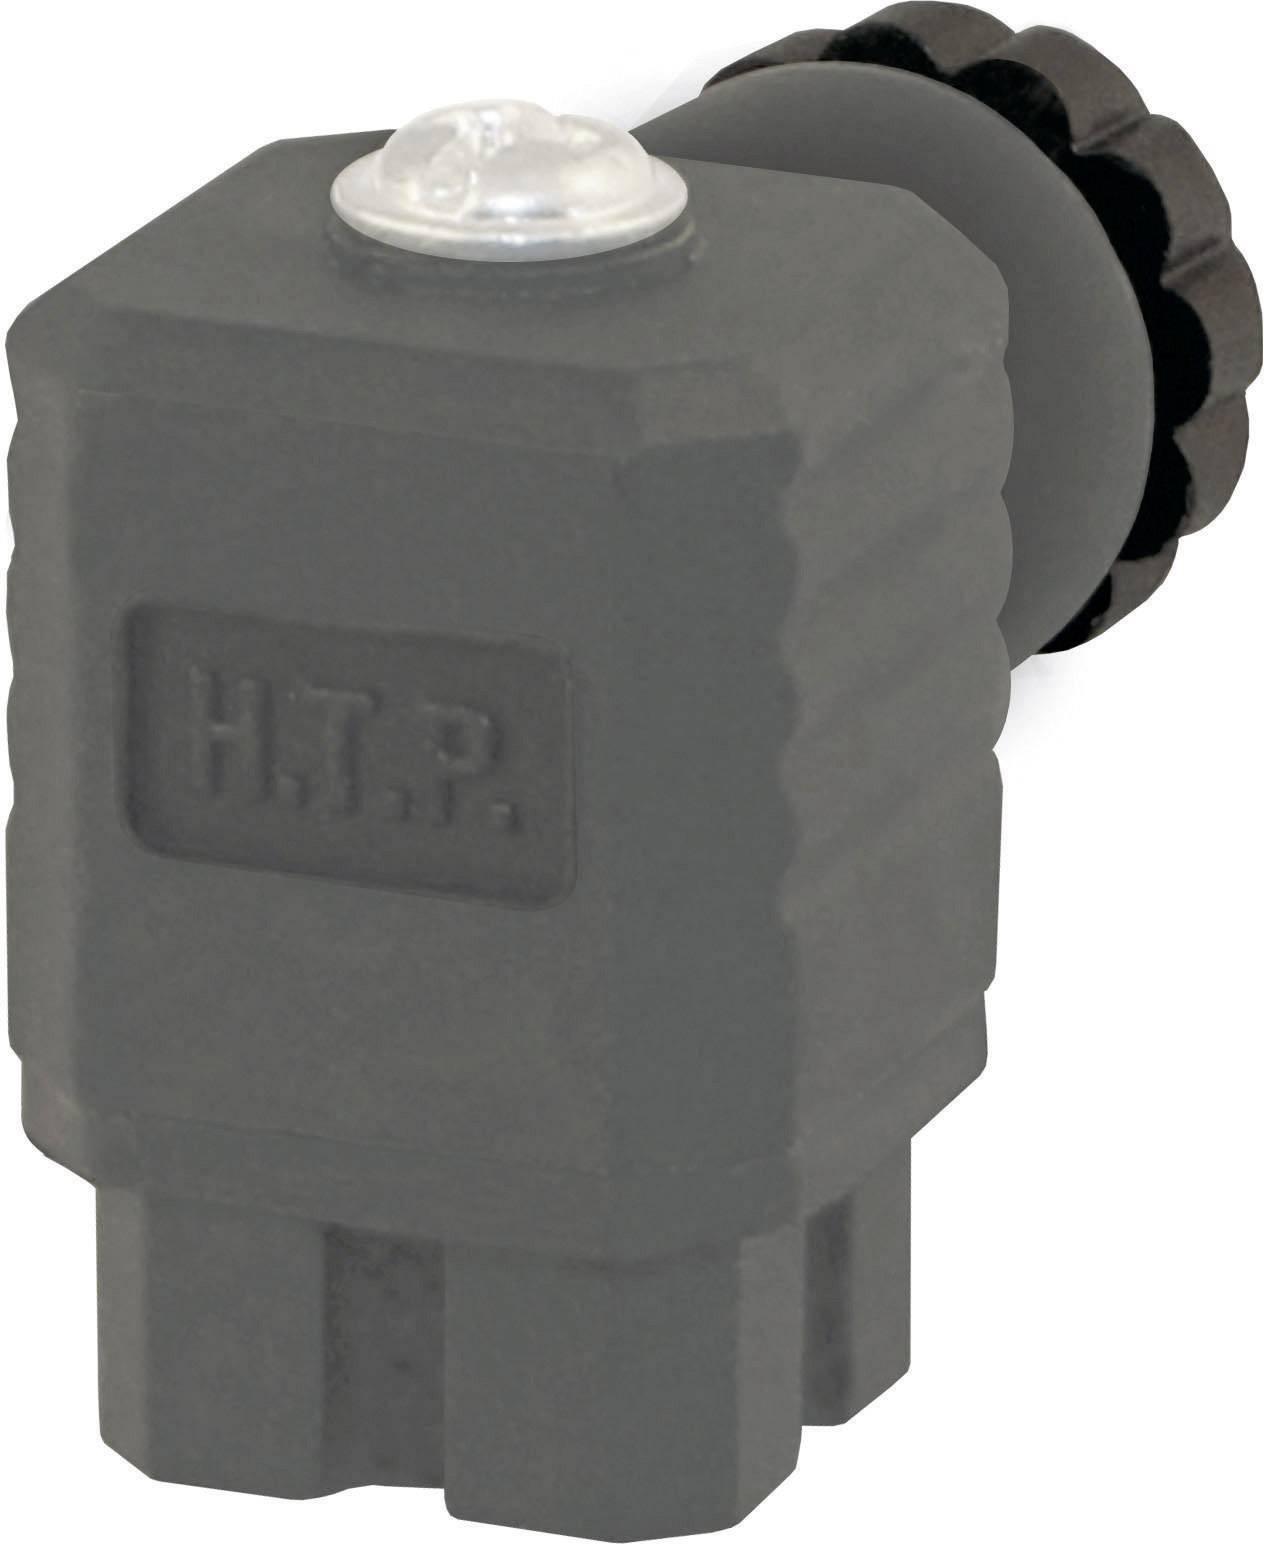 Ventilový konektor serie P3 HTP P3GZ4000-6WG, IP65 (namontované), černá